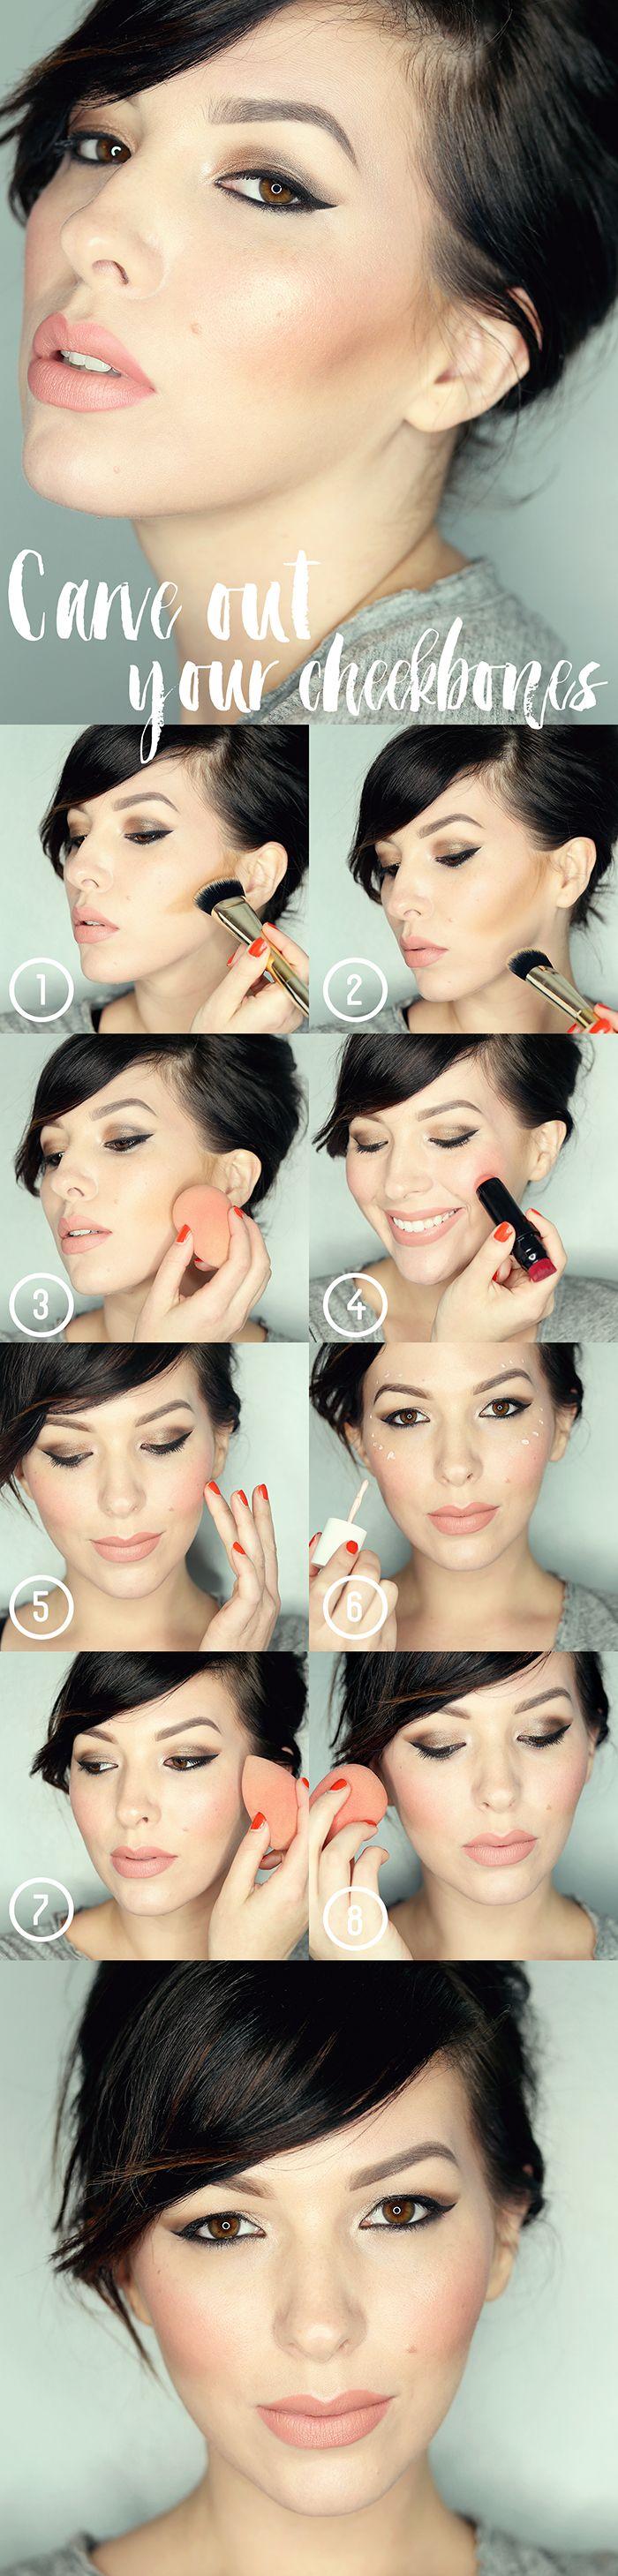 how to get great cheekbones